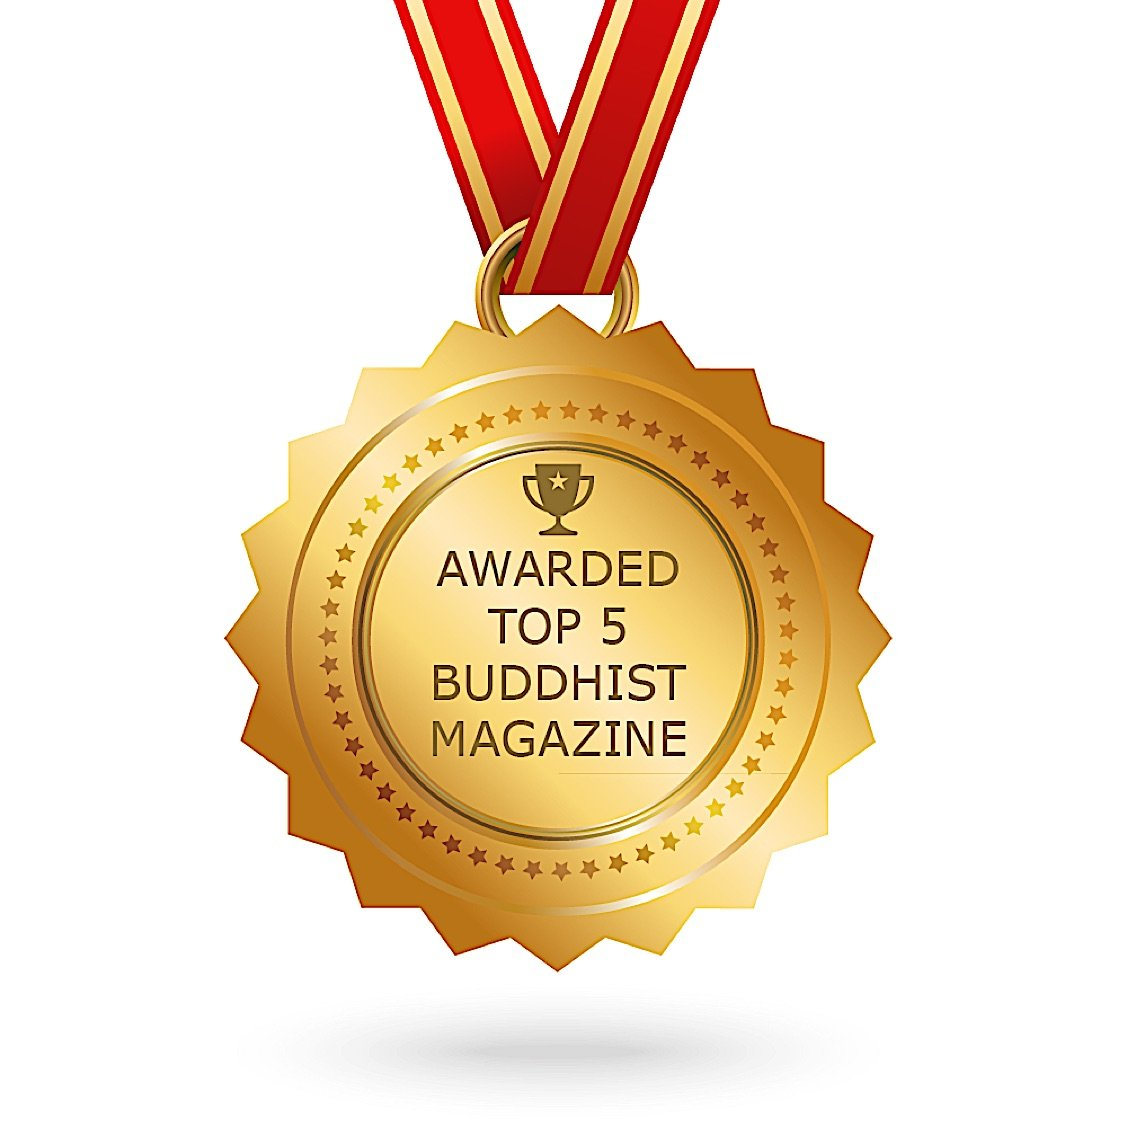 Buddha Weekly Top buddhist magazine Top 5 Buddhist Magazine Buddhism